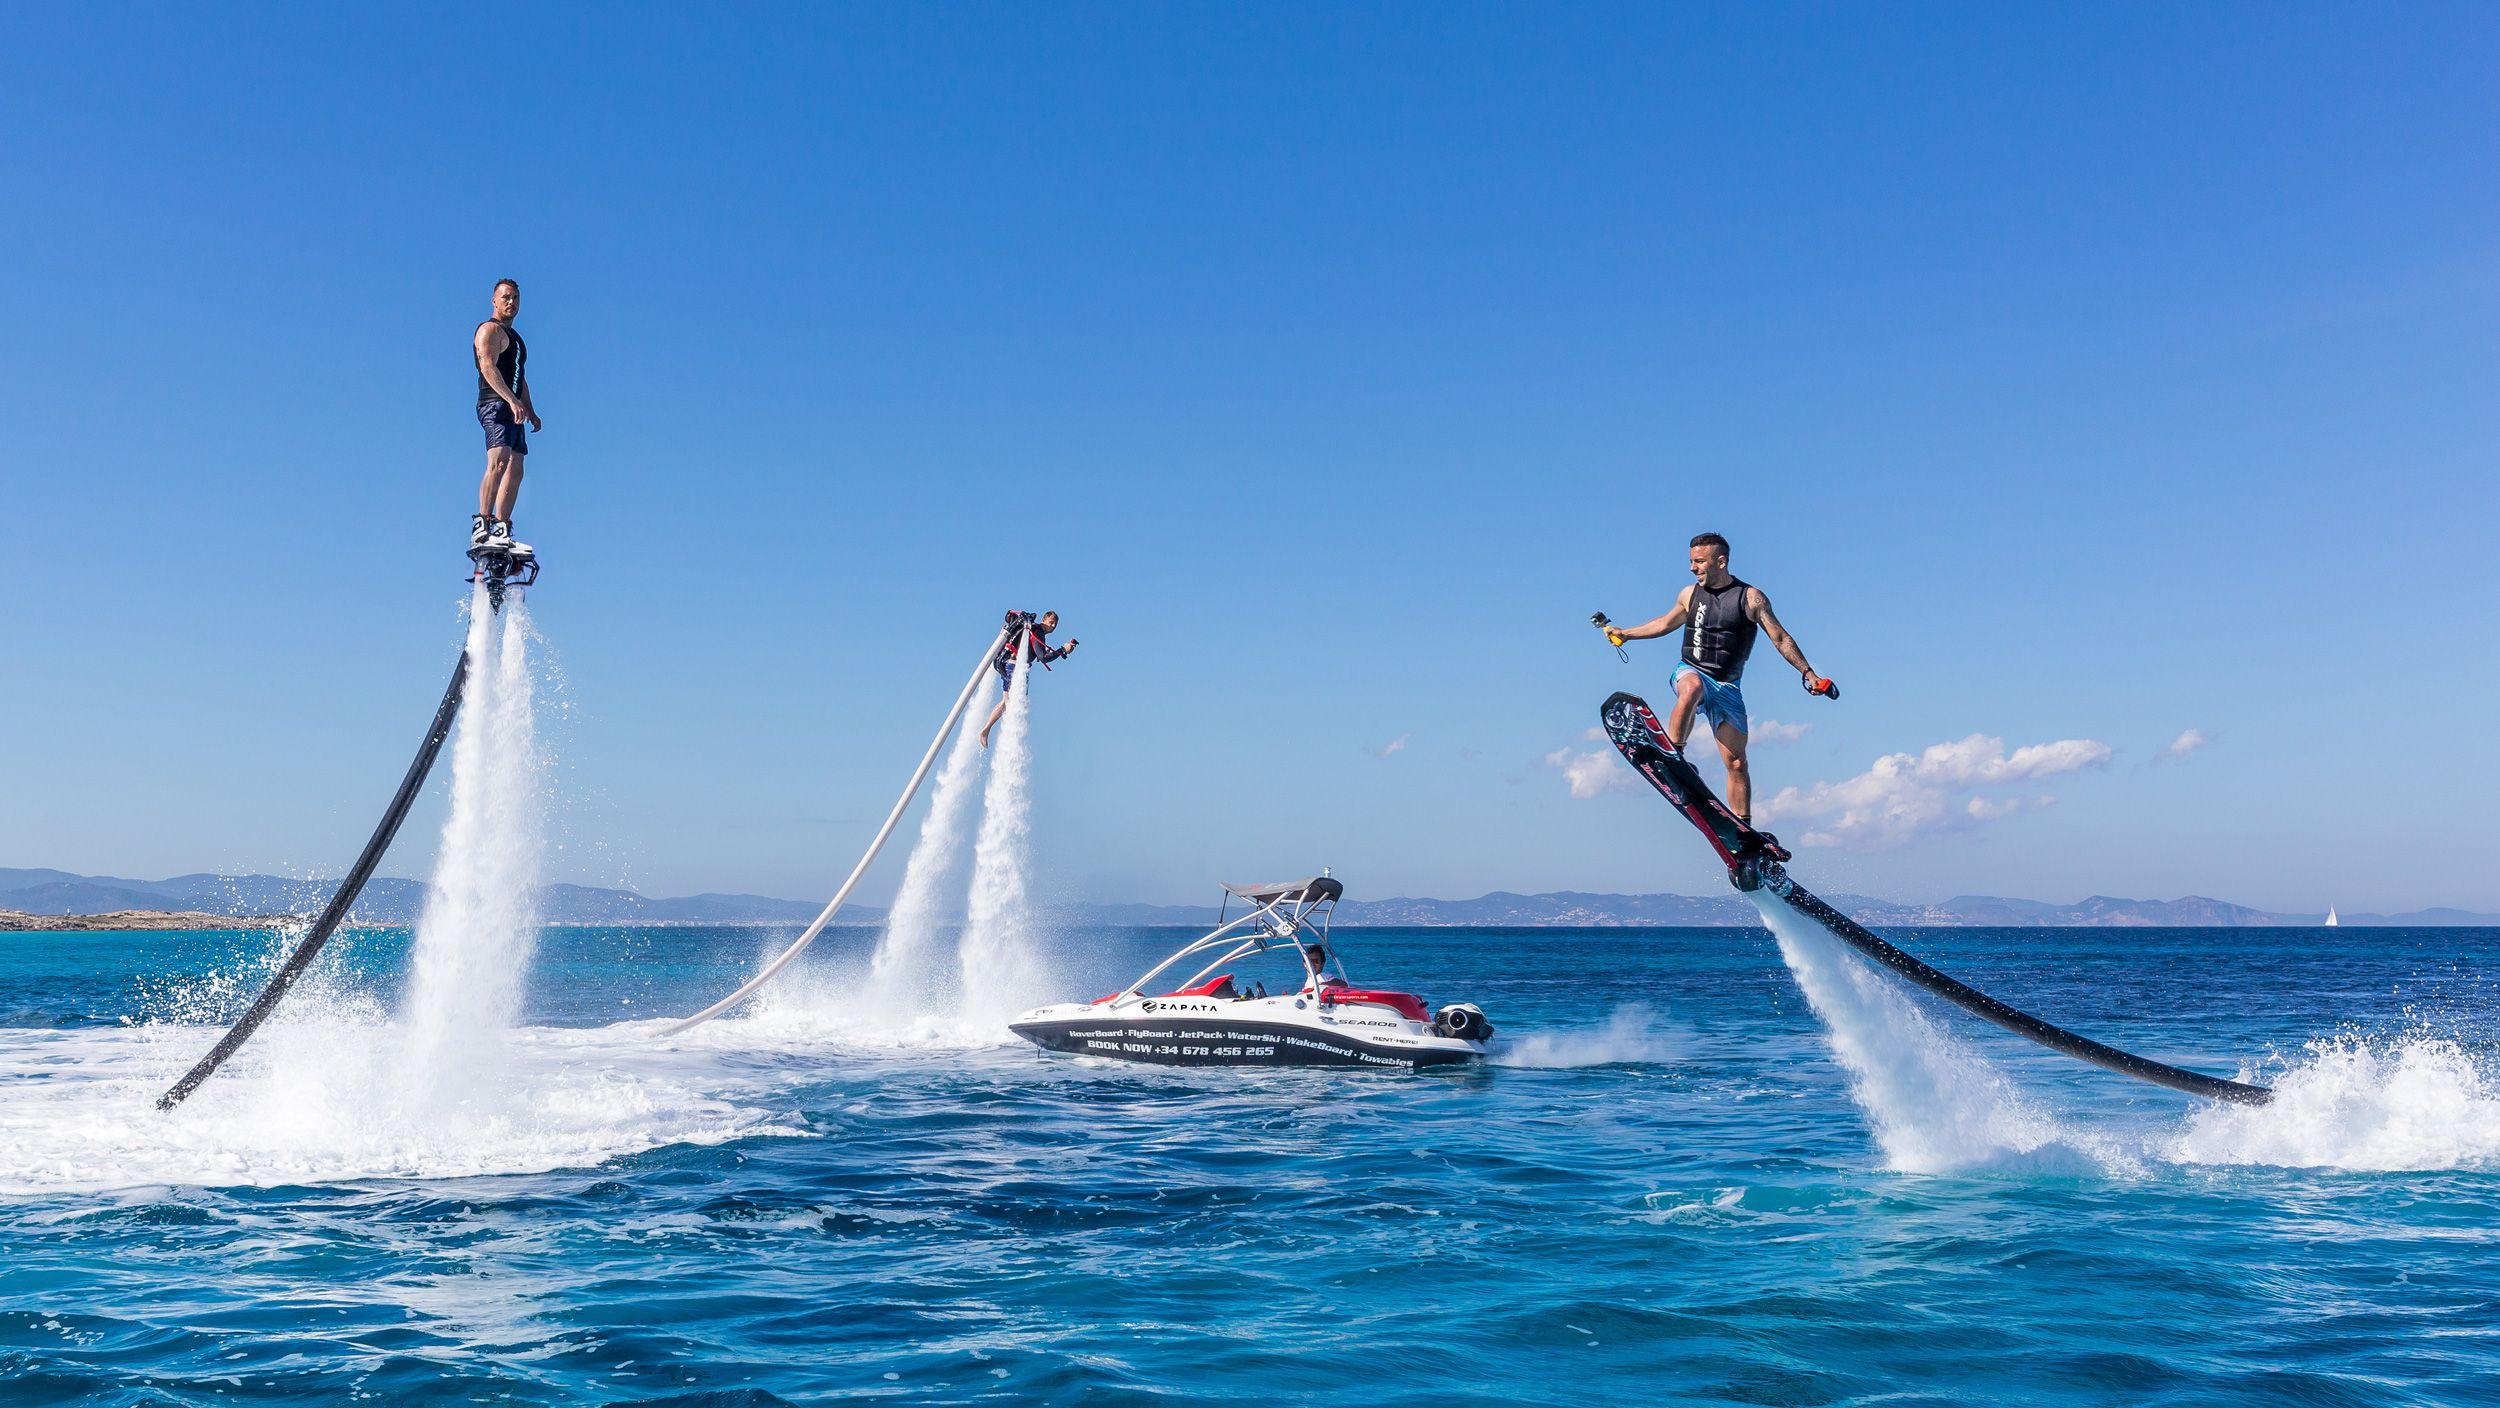 Bộ VHTTDL ban hành Thông tư quy định nội dung tập huấn cho người lái phương tiện và nội dung hướng dẫn kỹ năng an toàn cho người tham gia hoạt động vui chơi, giải trí dưới nước